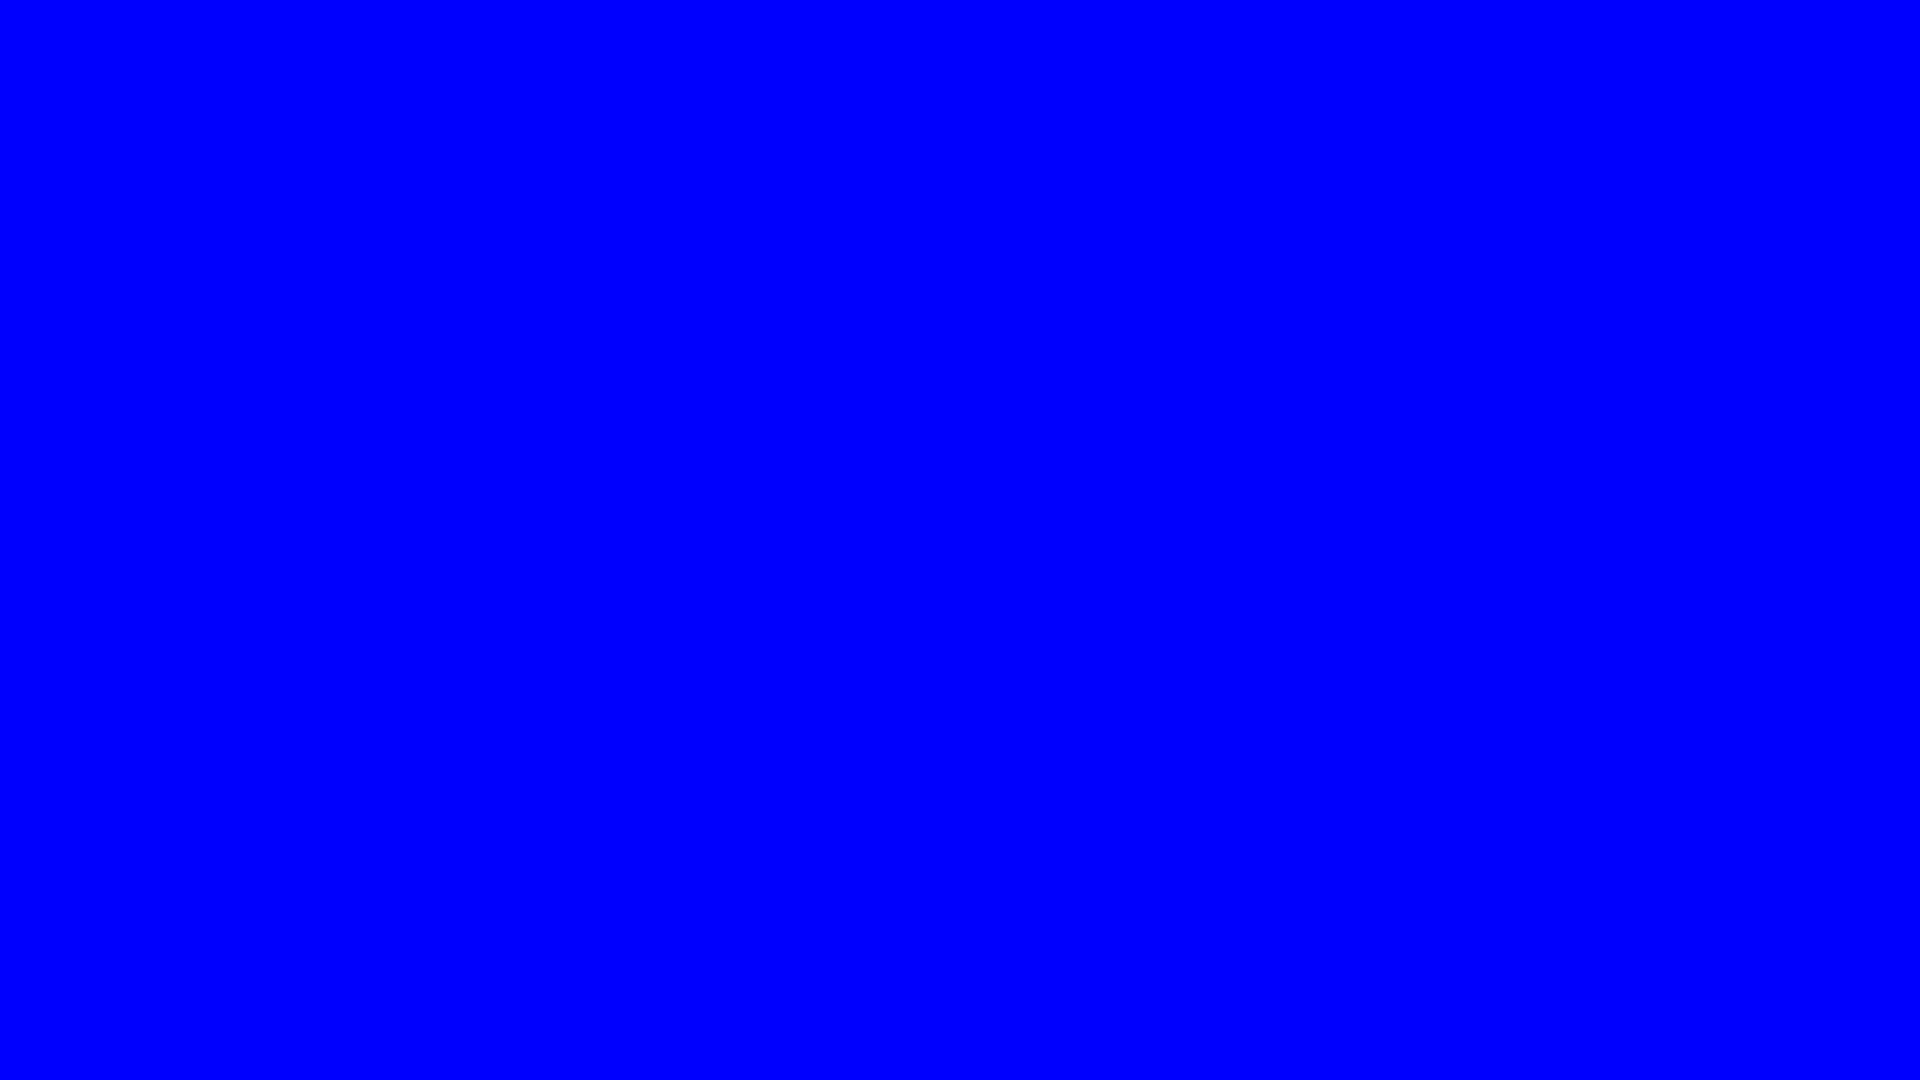 Blue Color 1920x1080